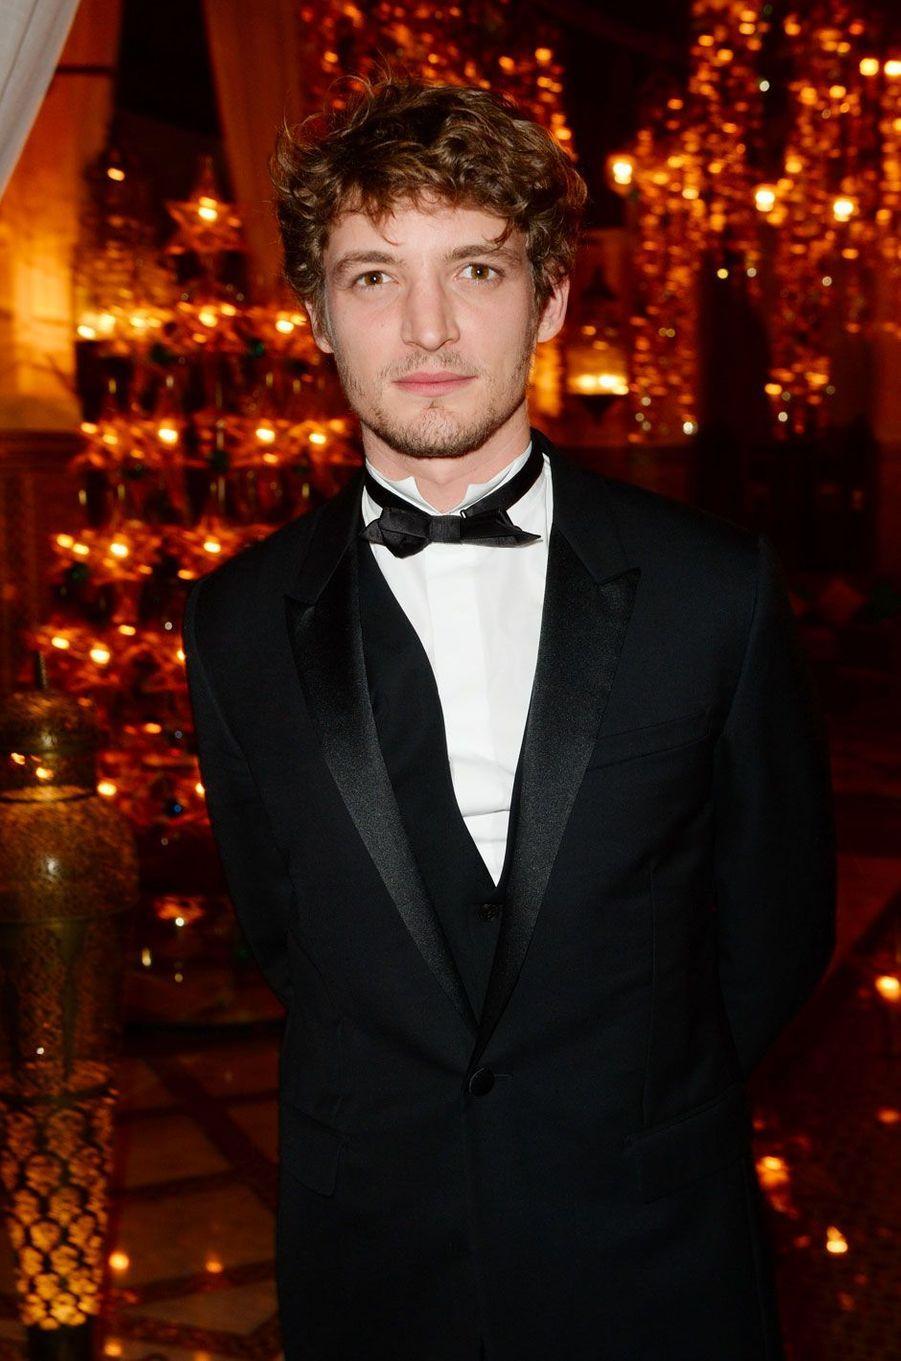 Niels Schneider au dîner Dior à l'hôtel Royal Mansour lors du 15ème festival international du film de Marrakech, le 11 décembre 2015.